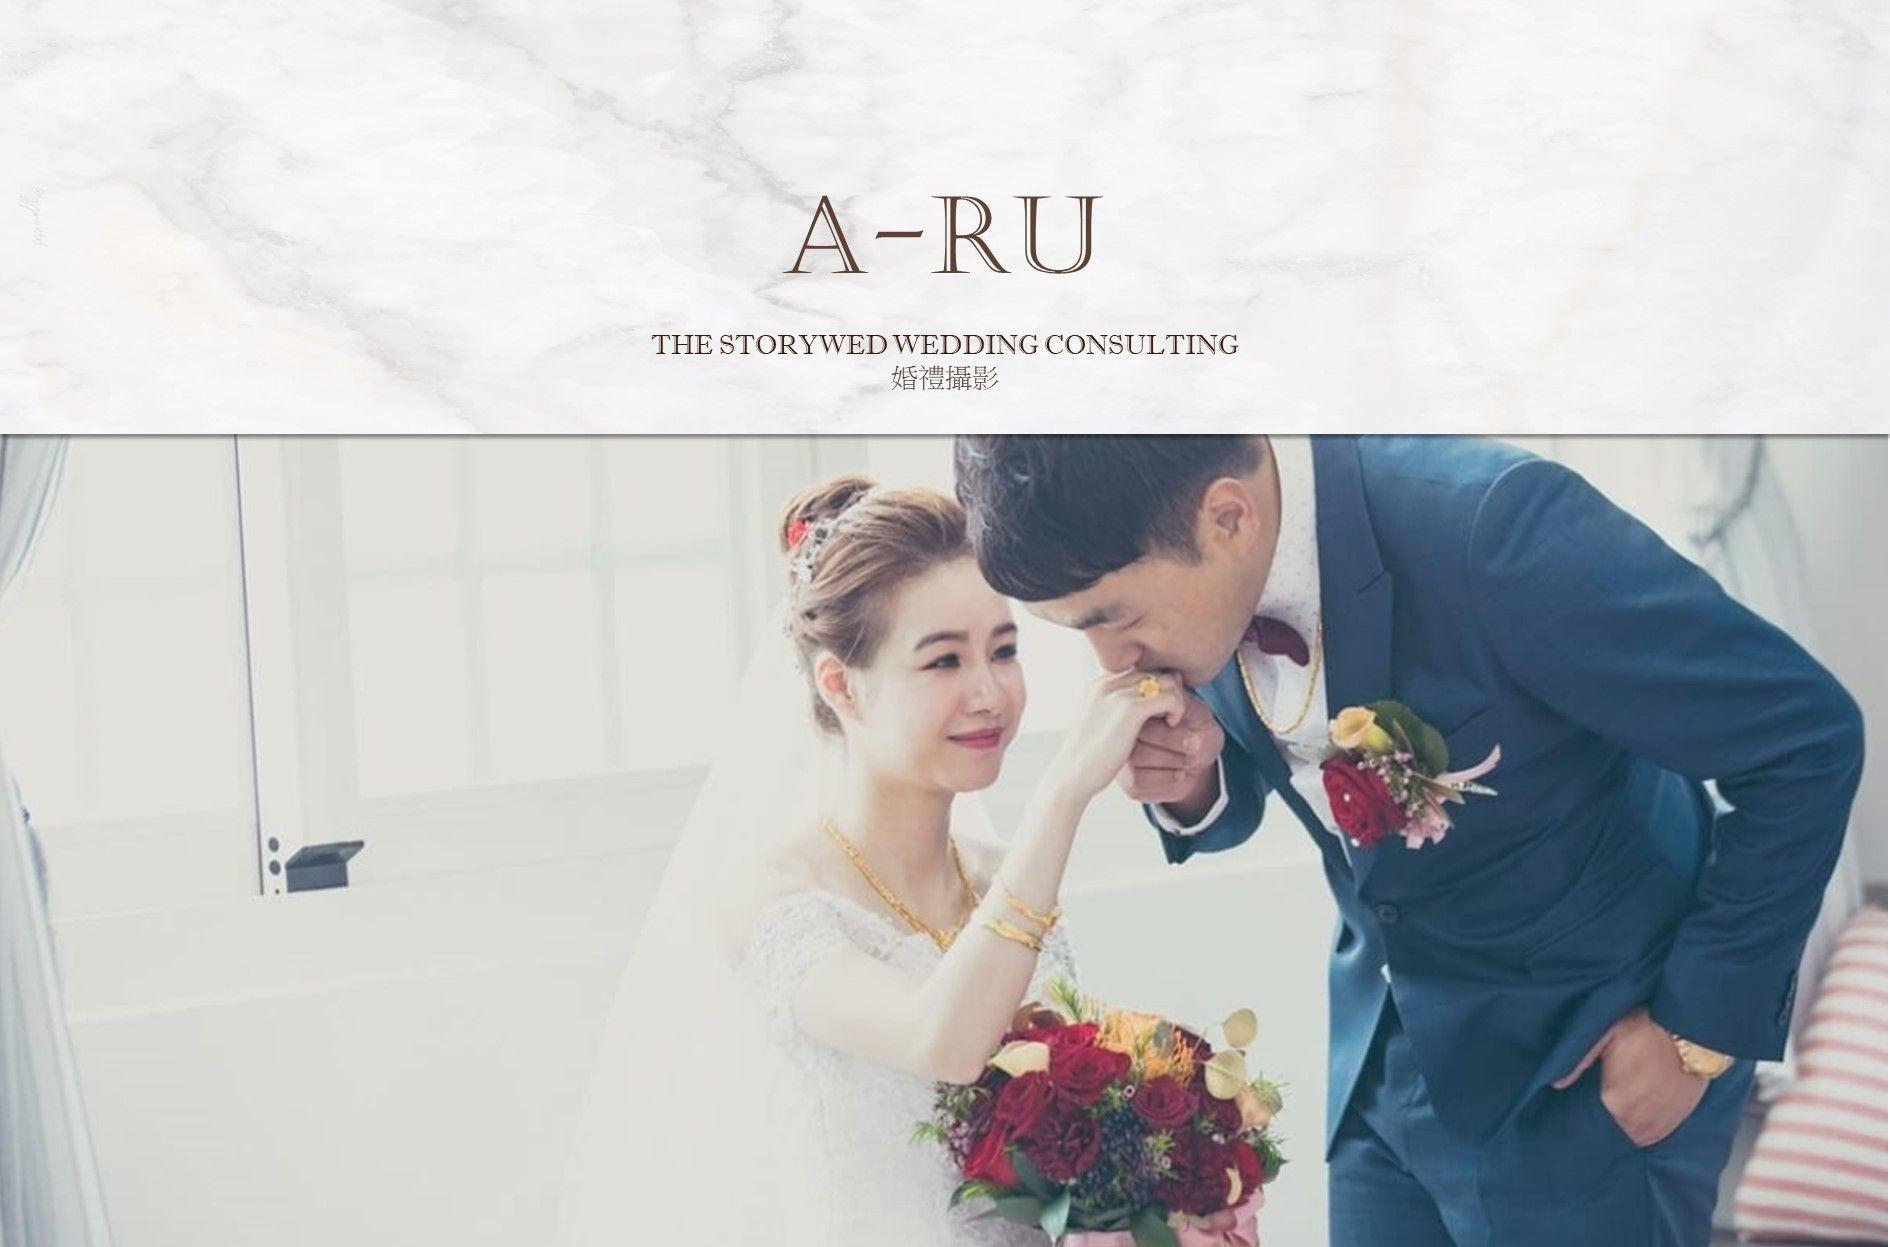 〖婚禮攝影〗A-RU